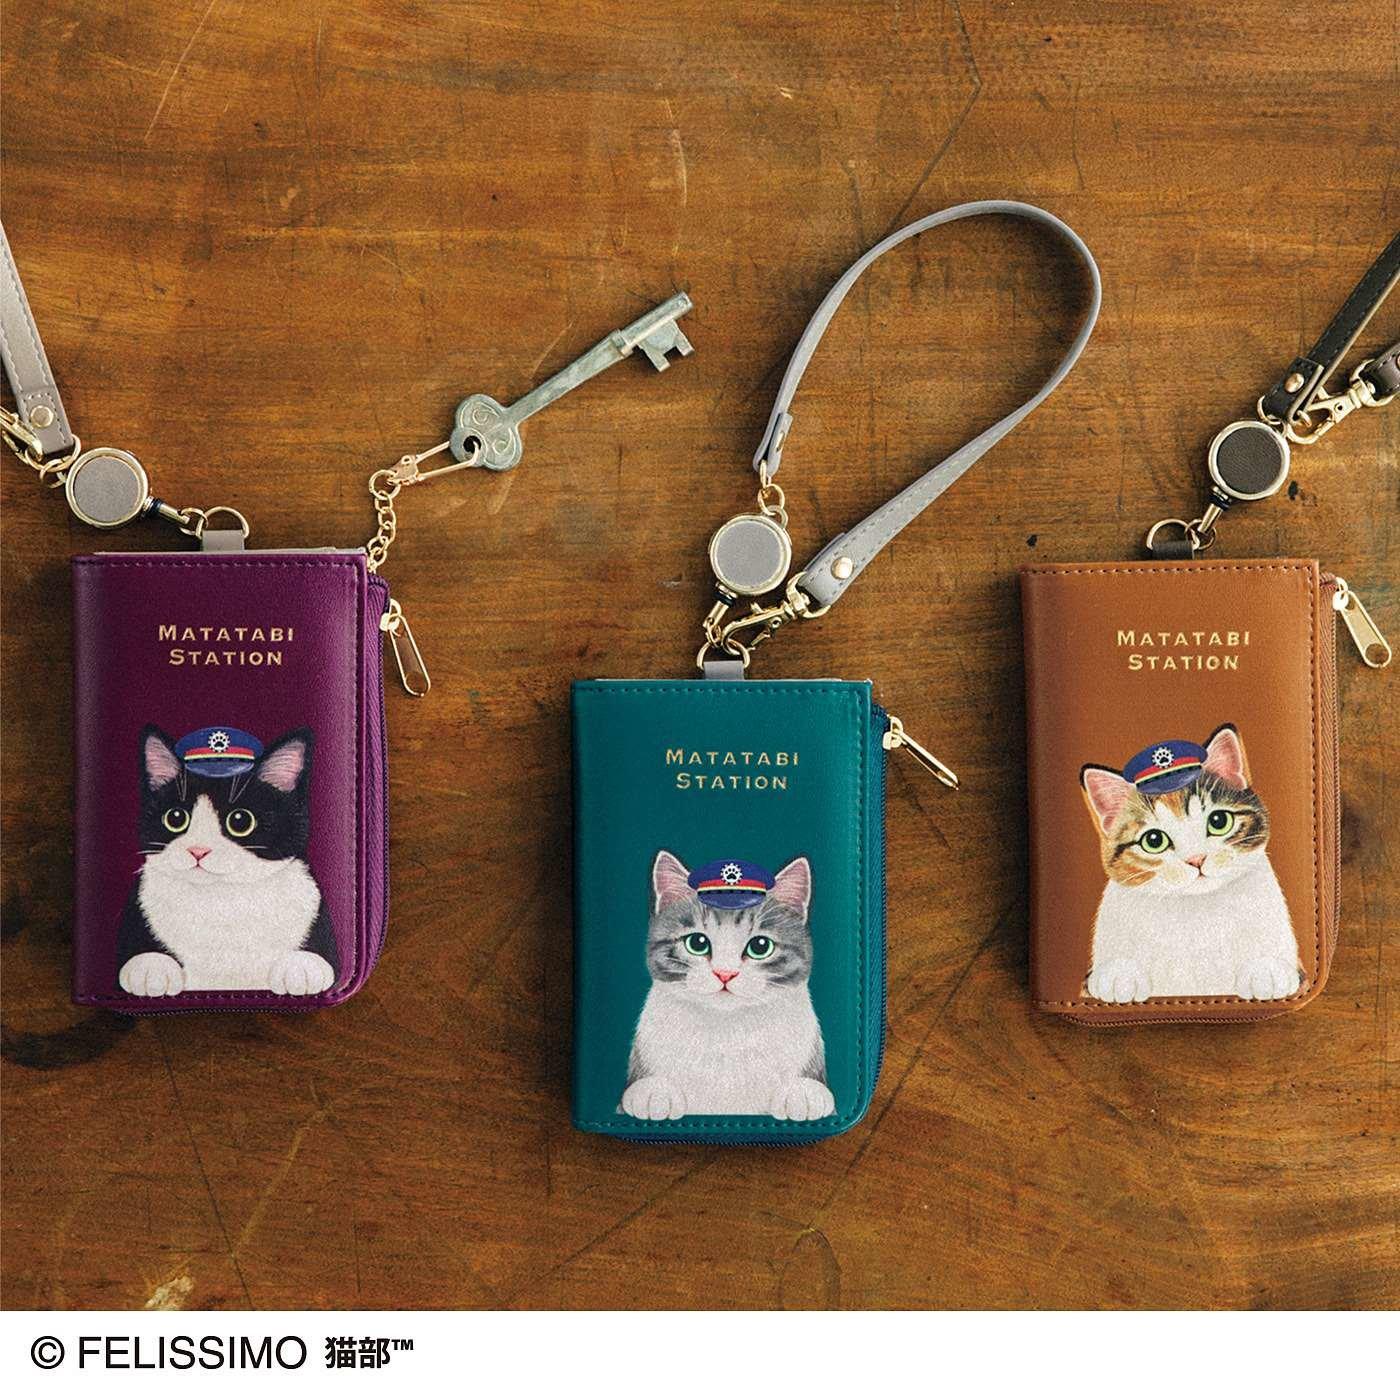 猫の駅員さんが毎日を応援! コインも入るICパスケースの会